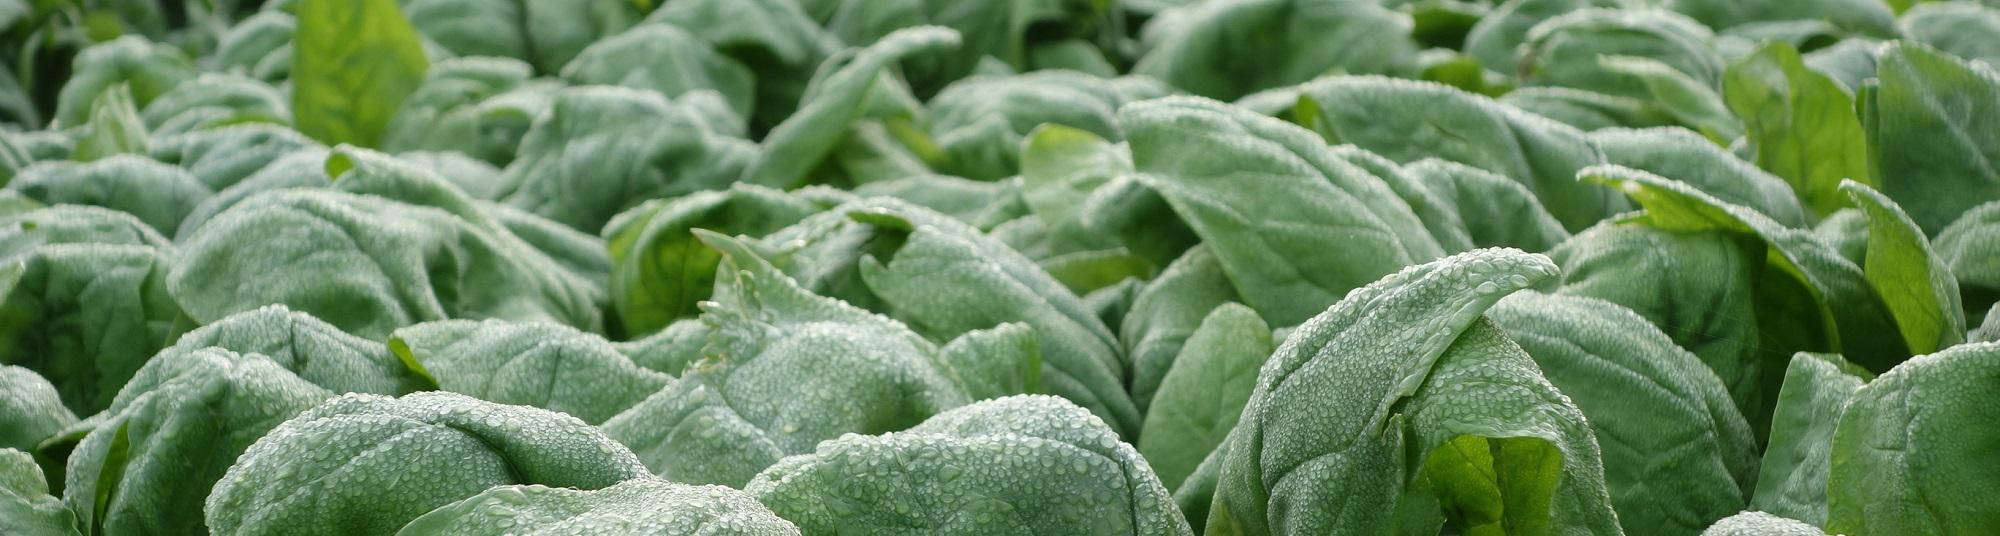 Ongeoogste spinazie